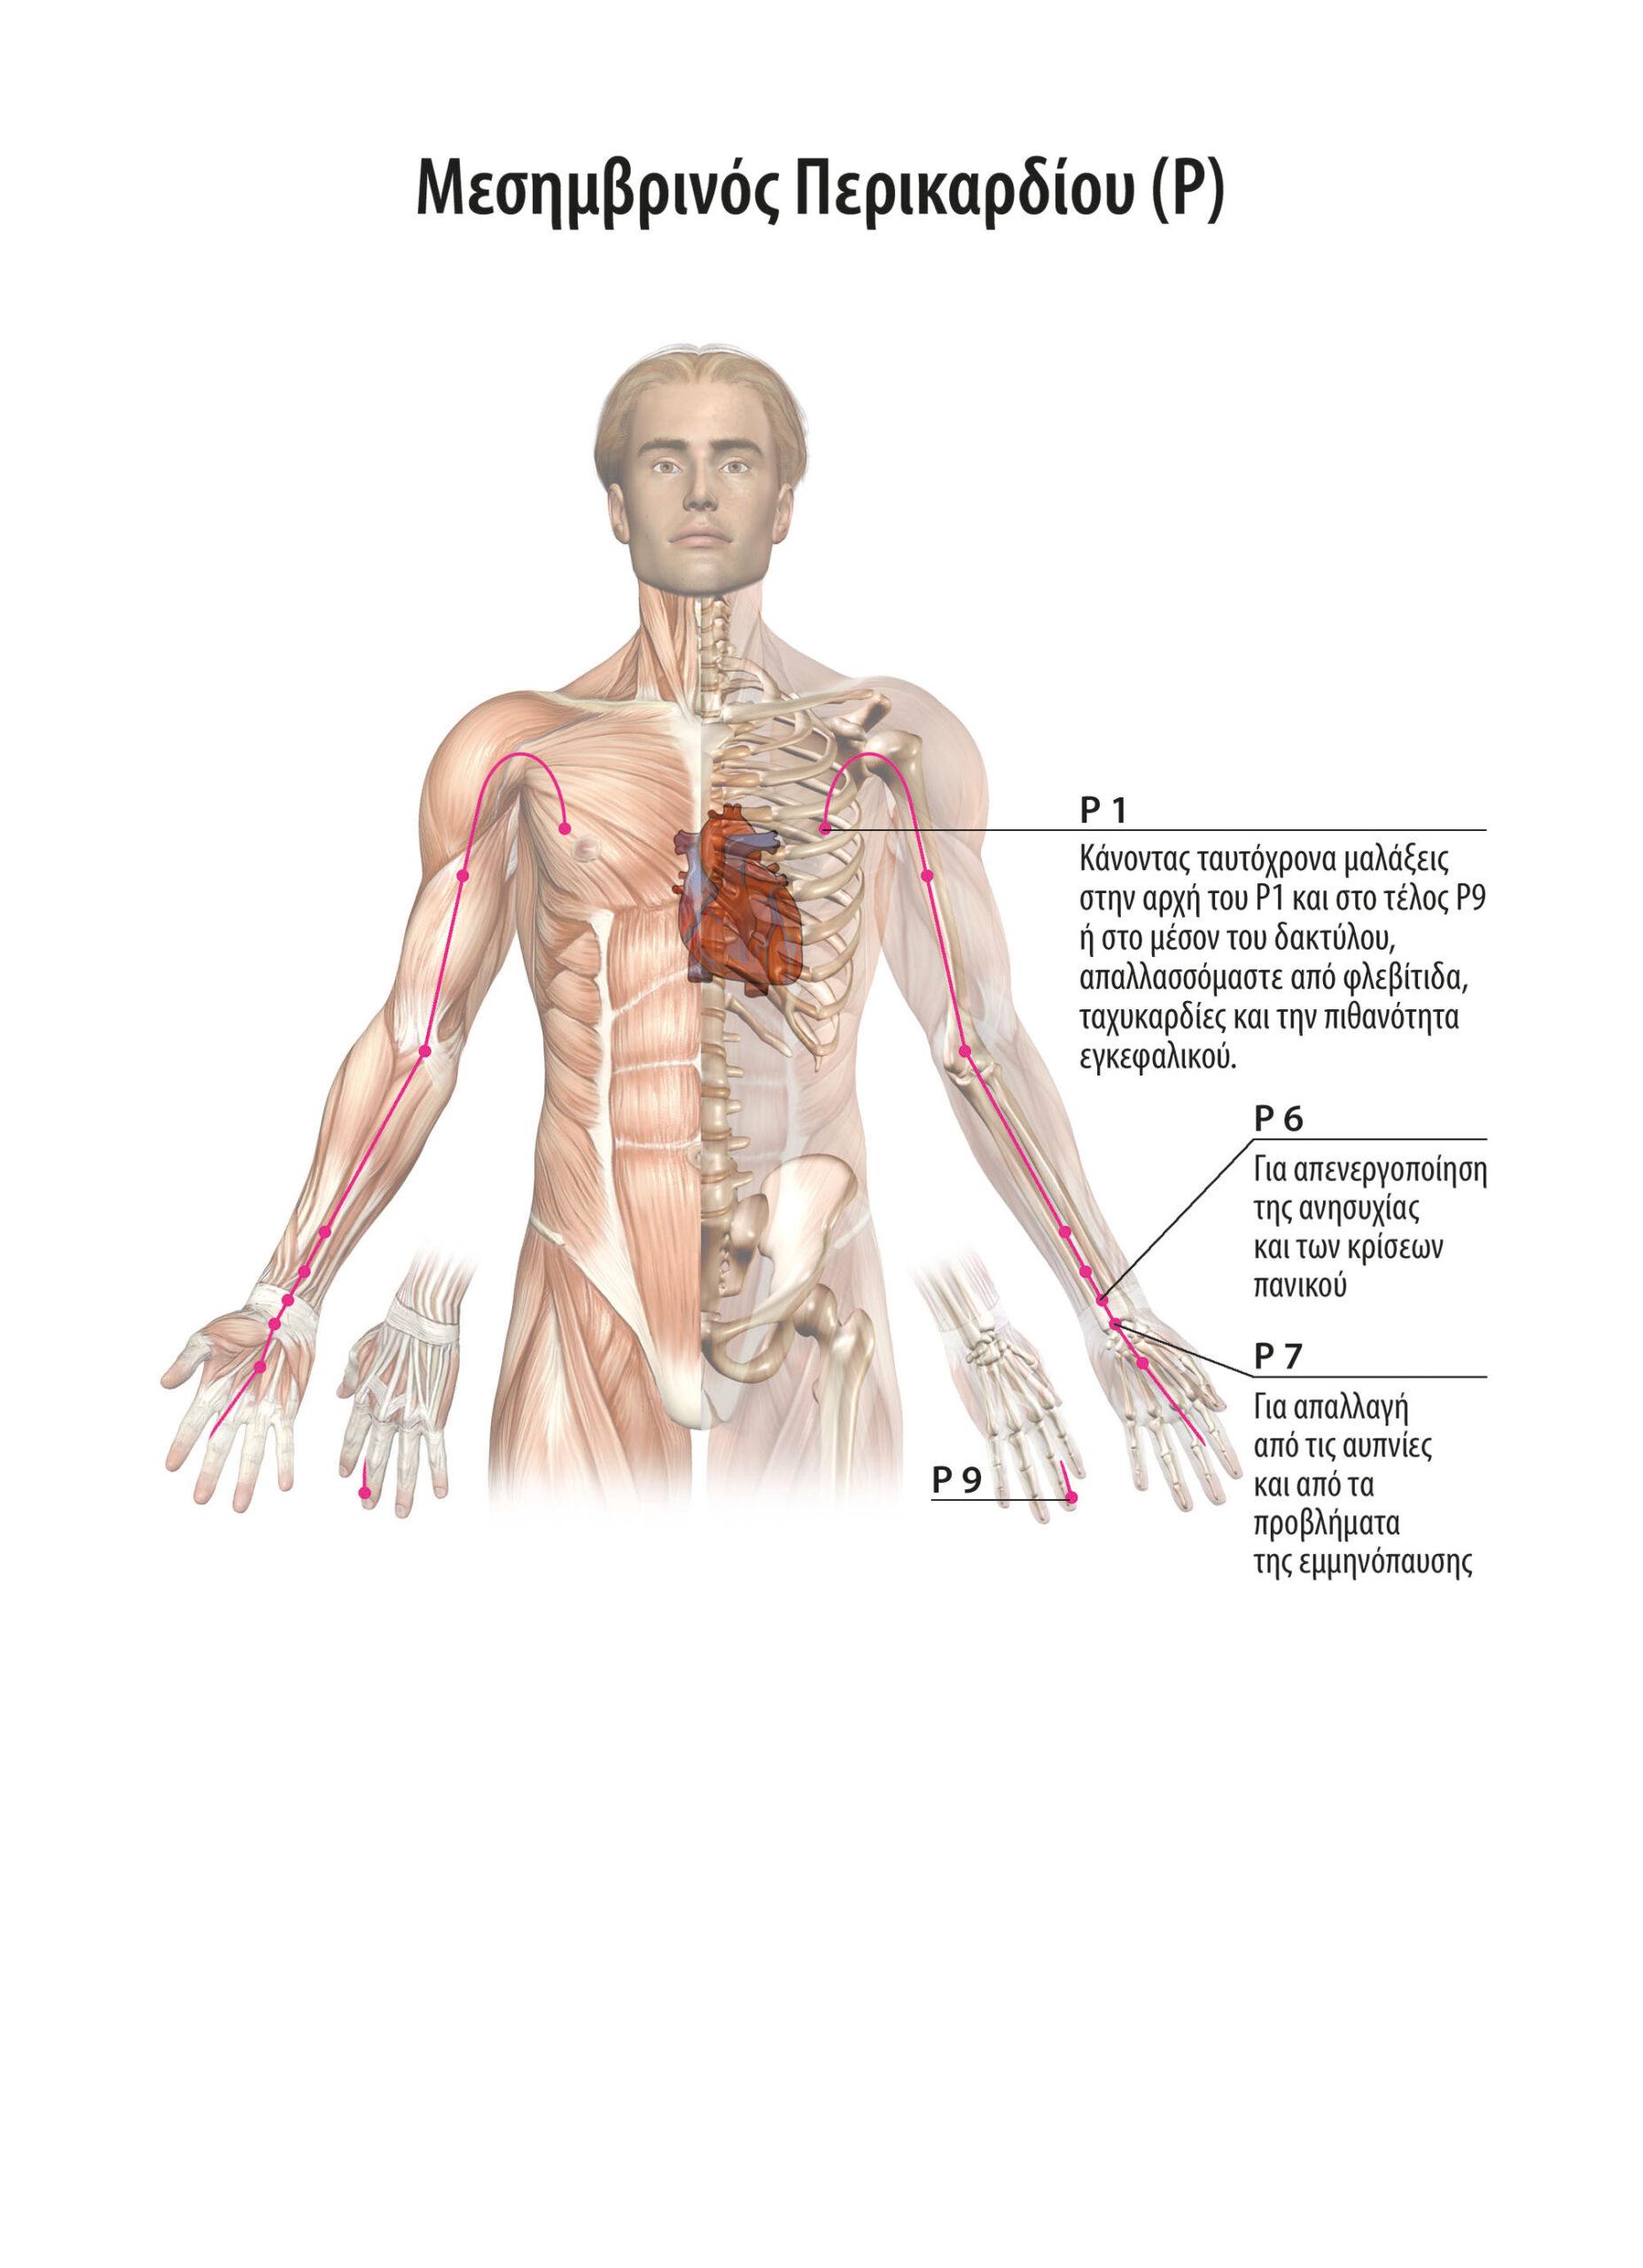 Μπορούμε να απαλλασσόμαστε από φλεβίτιδες, κυρσούς, ταχυκαρδίες, προβλήματα του κυκλοφοριακού,  περικαρδίου, να προλάβουμε εγκεφαλικά. 6